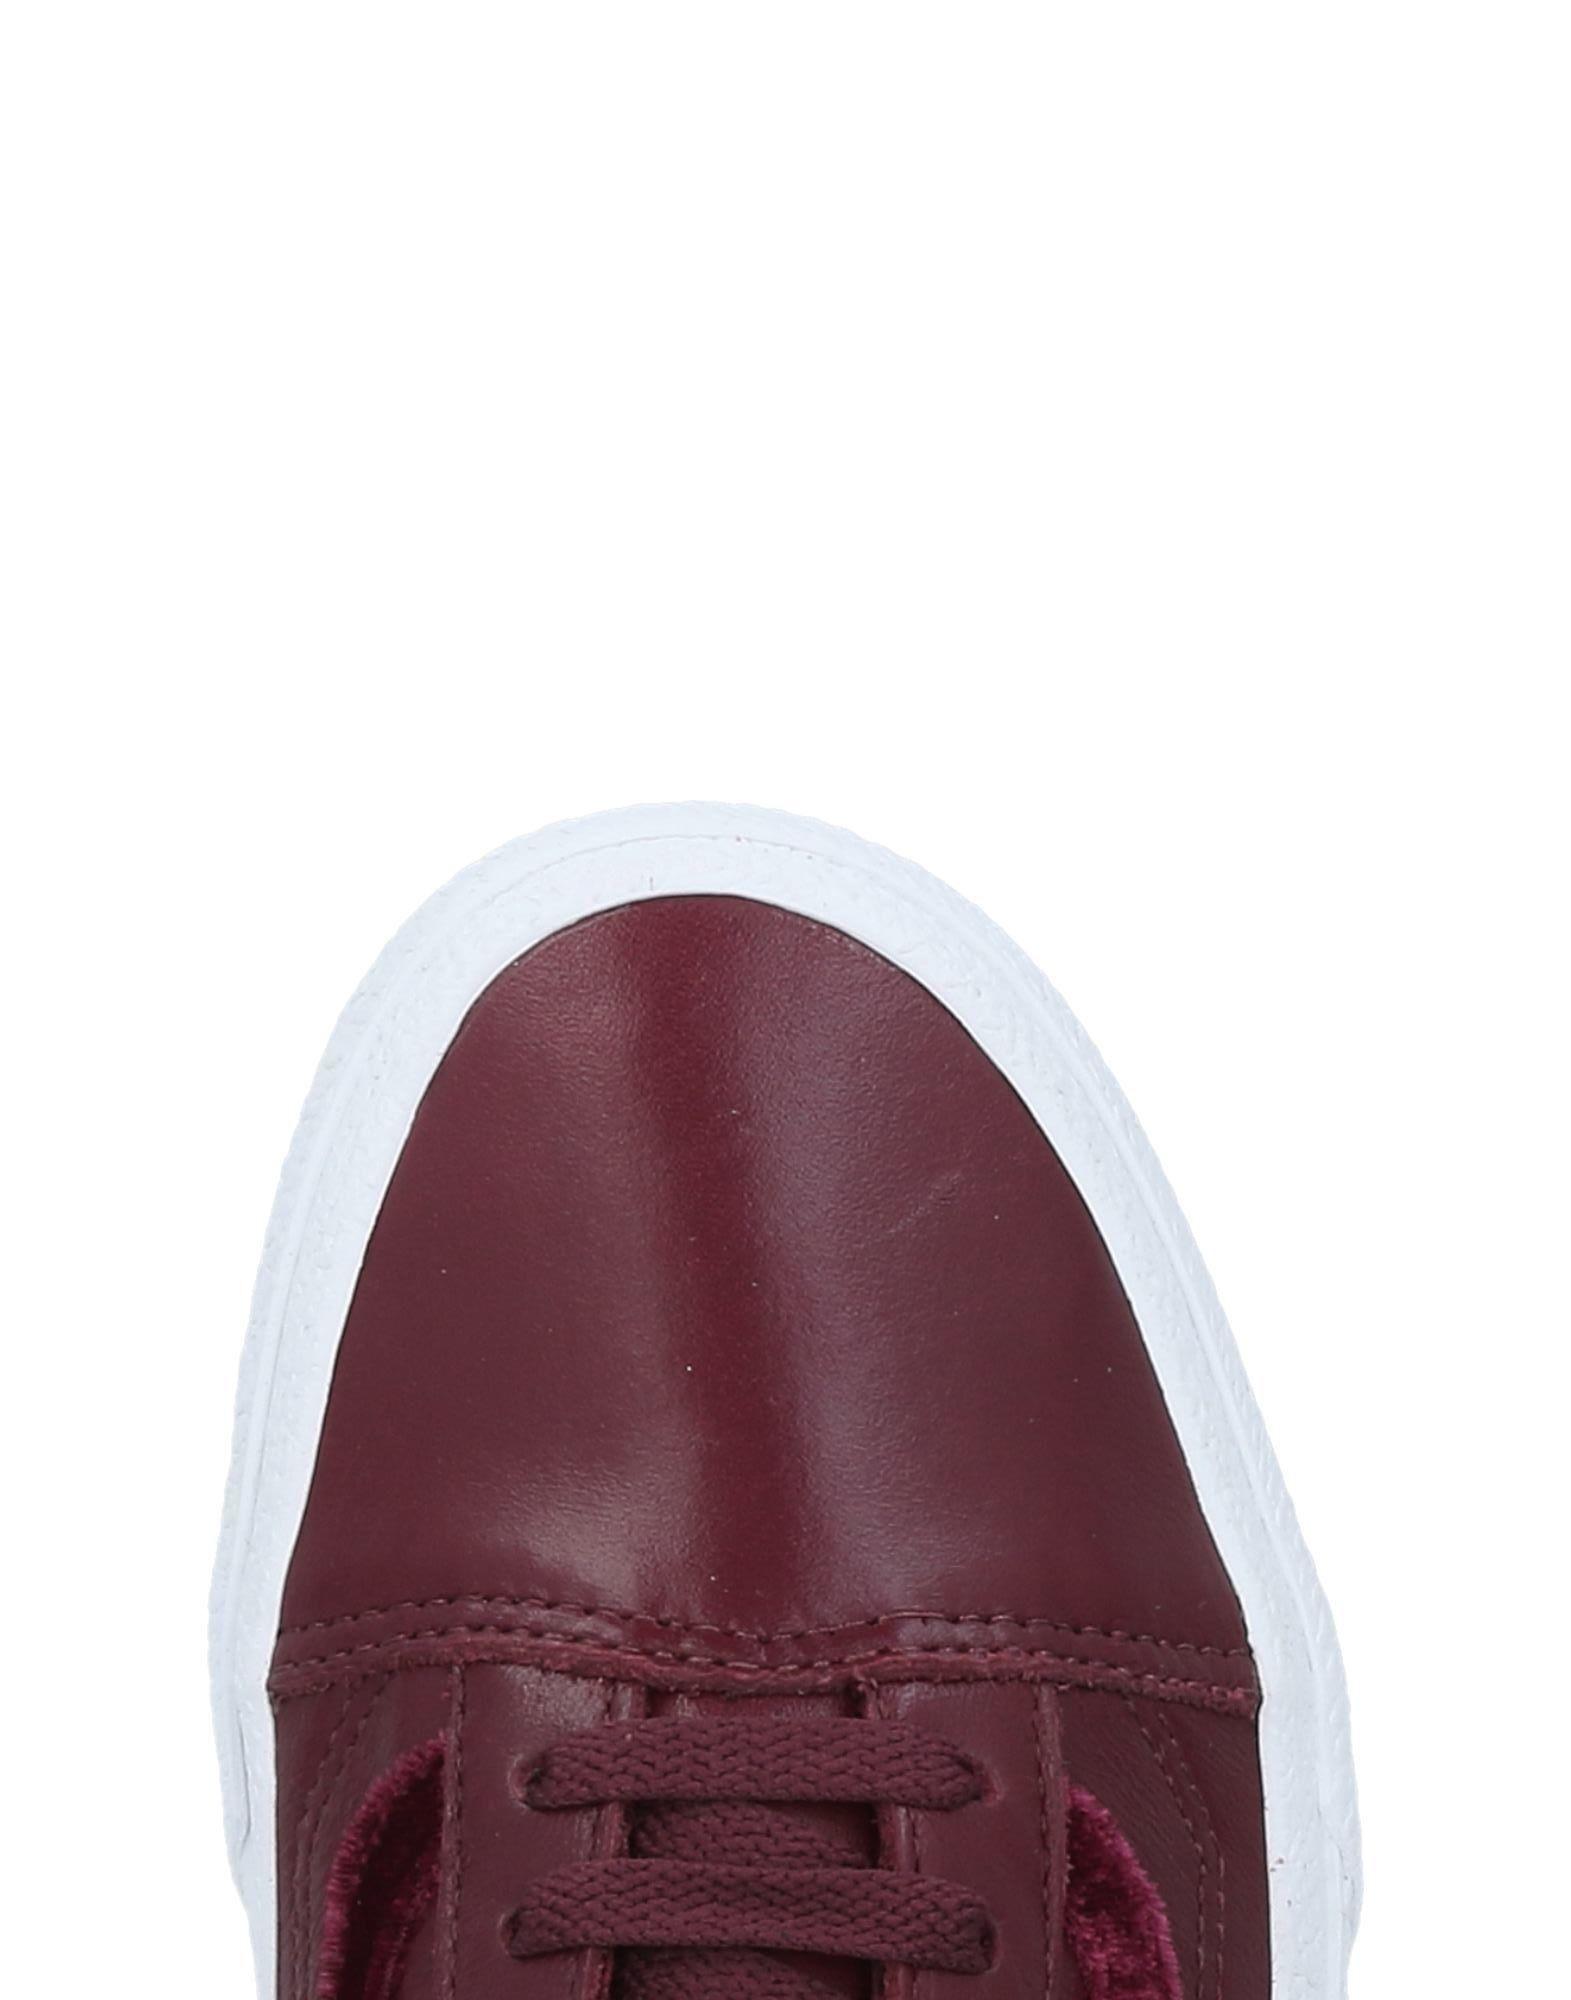 Vans Sneakers Damen beliebte  11494510NG Gute Qualität beliebte Damen Schuhe 4c115f